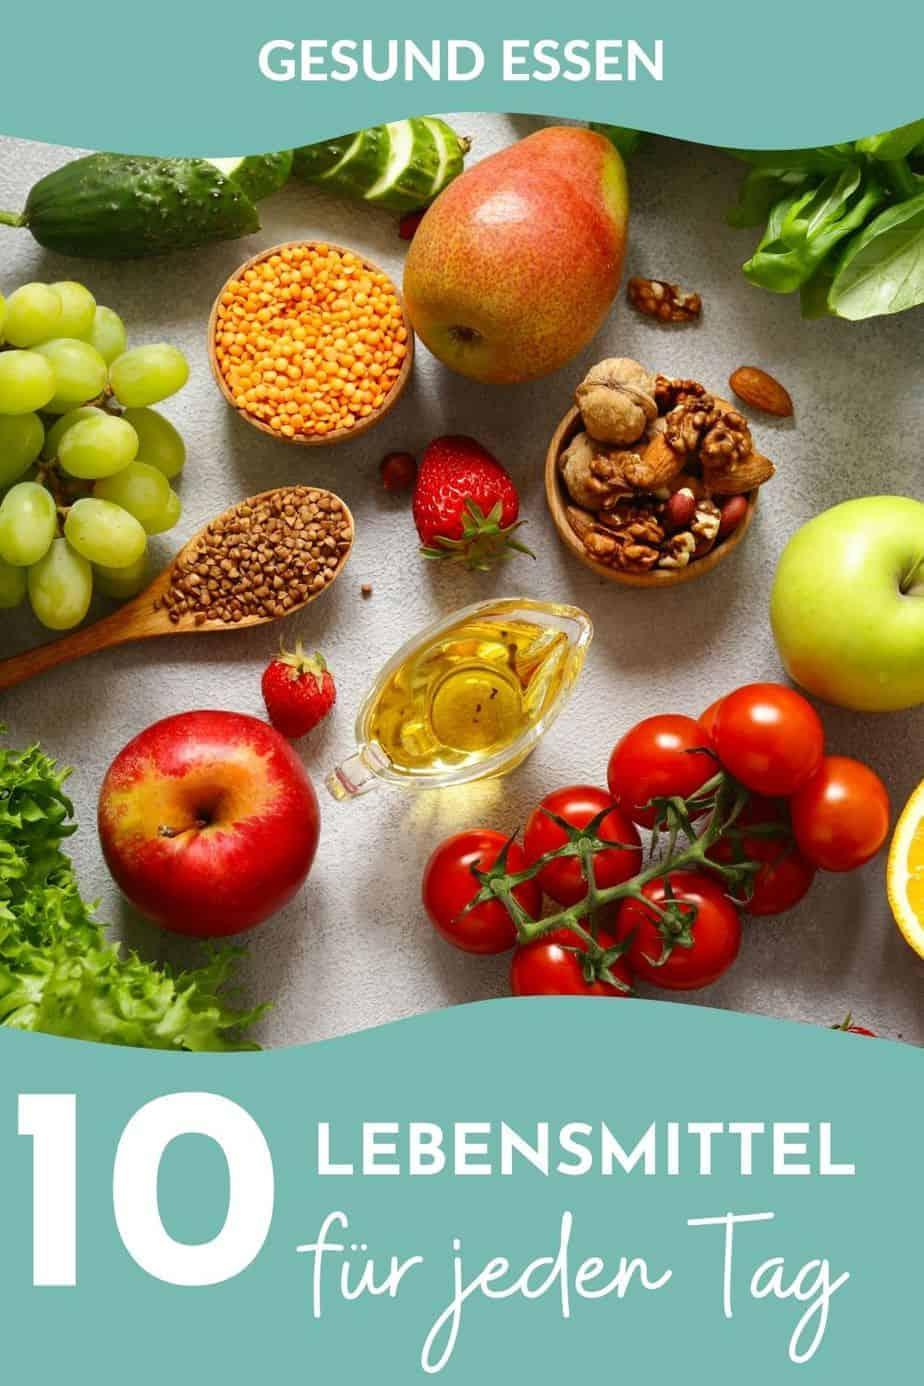 Gesunde Lebensmittel Liste - die besten Nahrungsmittel für jeden Tag! Diese Dinge sollten nie in deiner Küche fehlen und gehören auf jede Einkaufsliste.